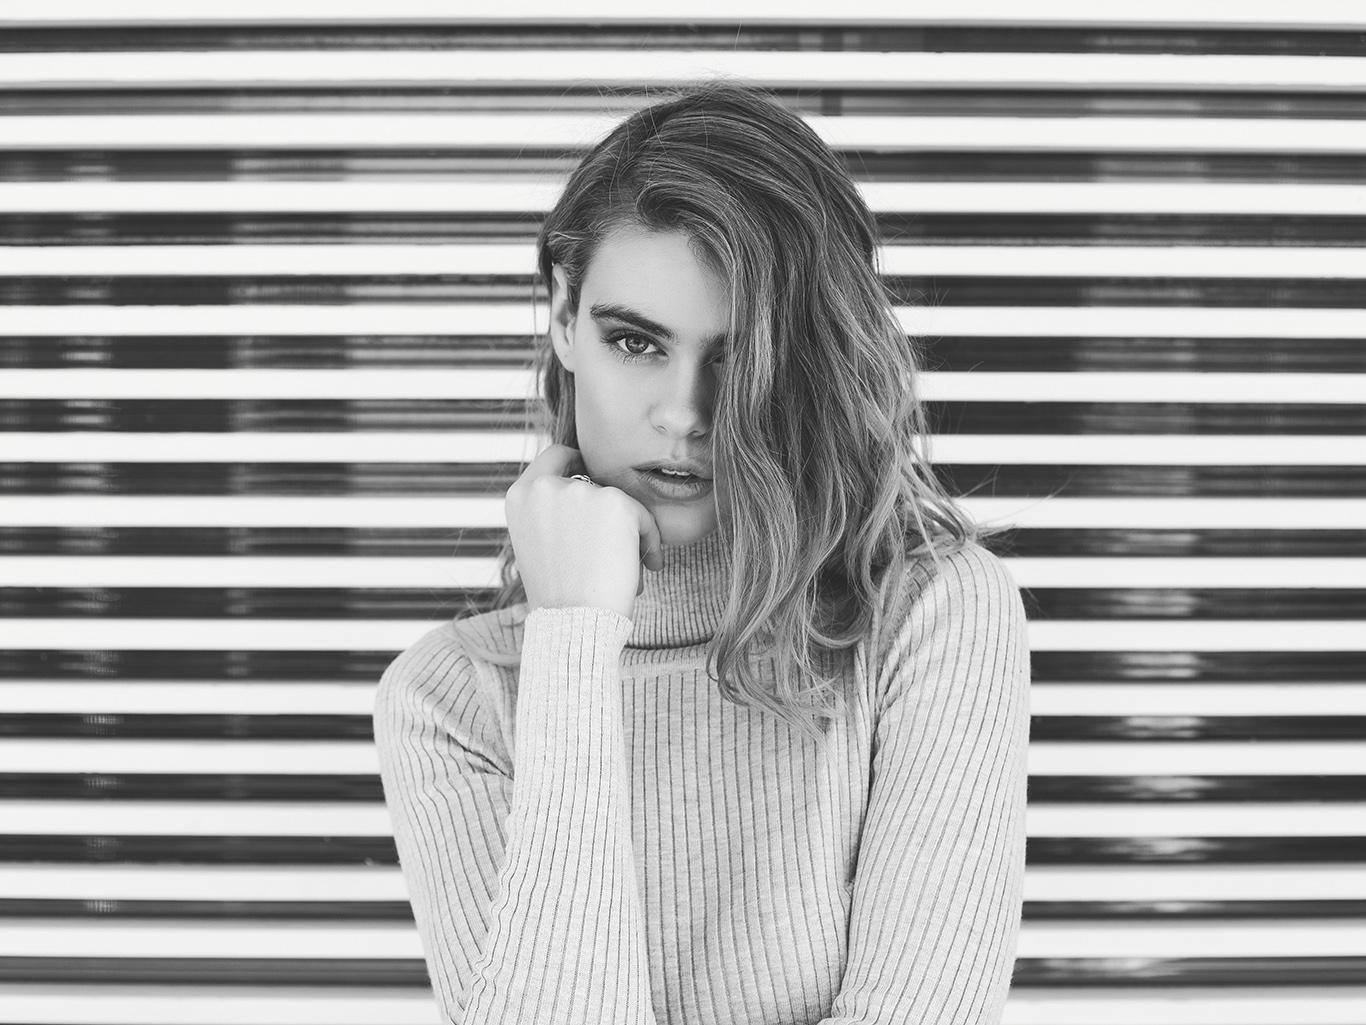 Женские манипуляции: найти и обезвредить